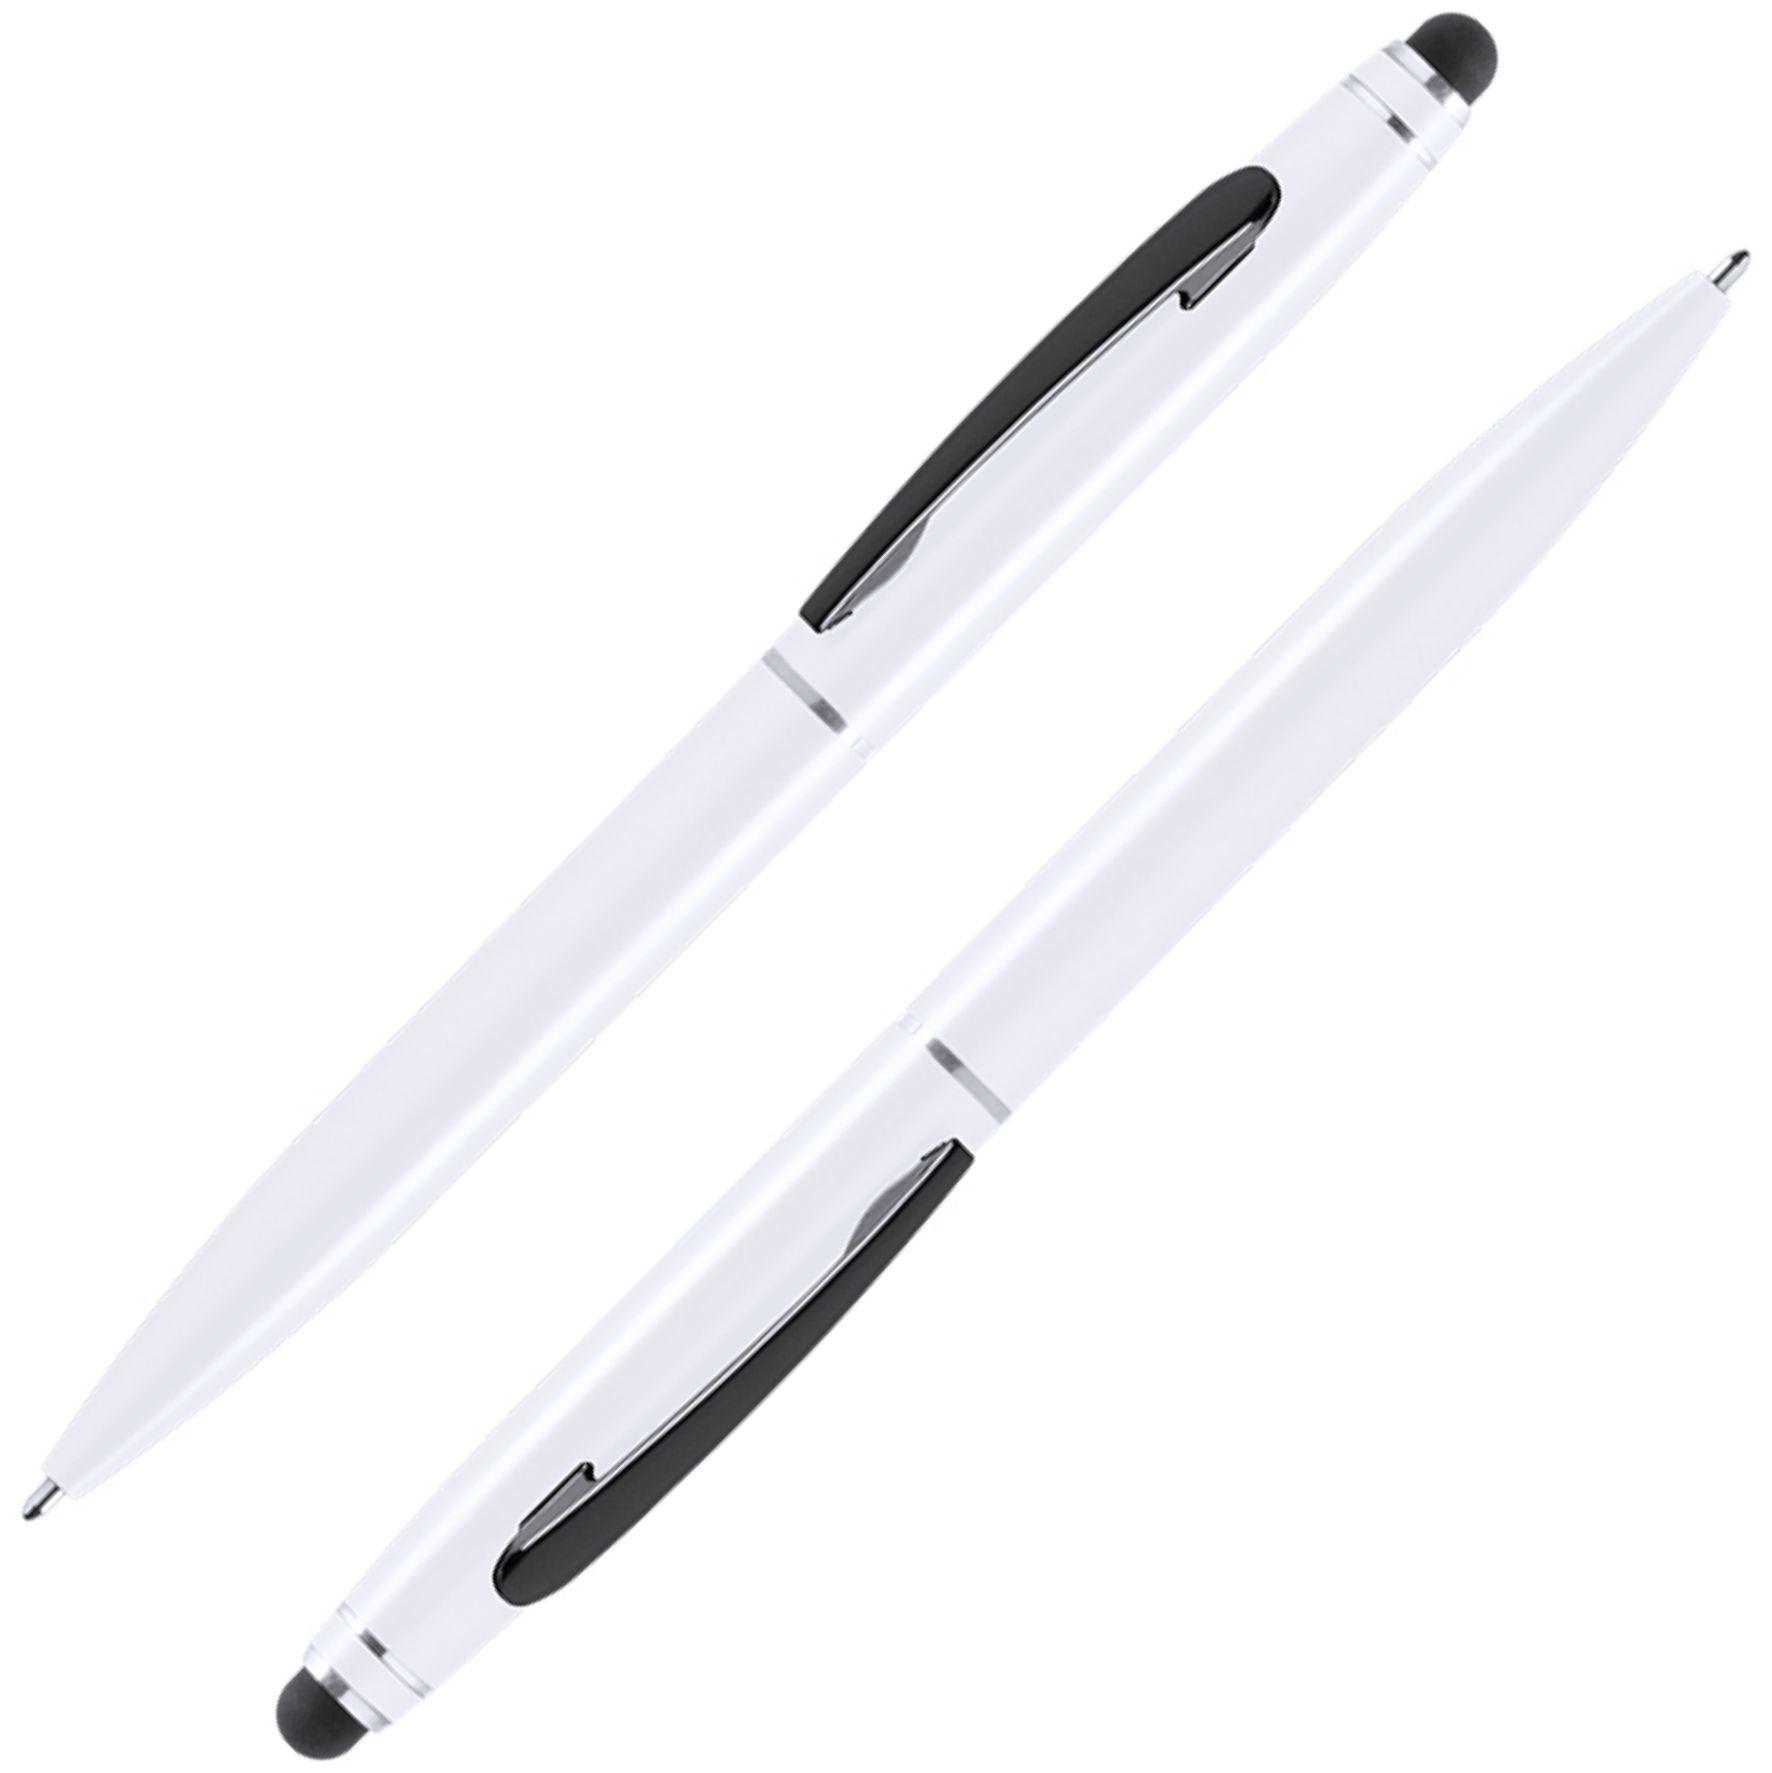 ручки со стилусом в москве оптом